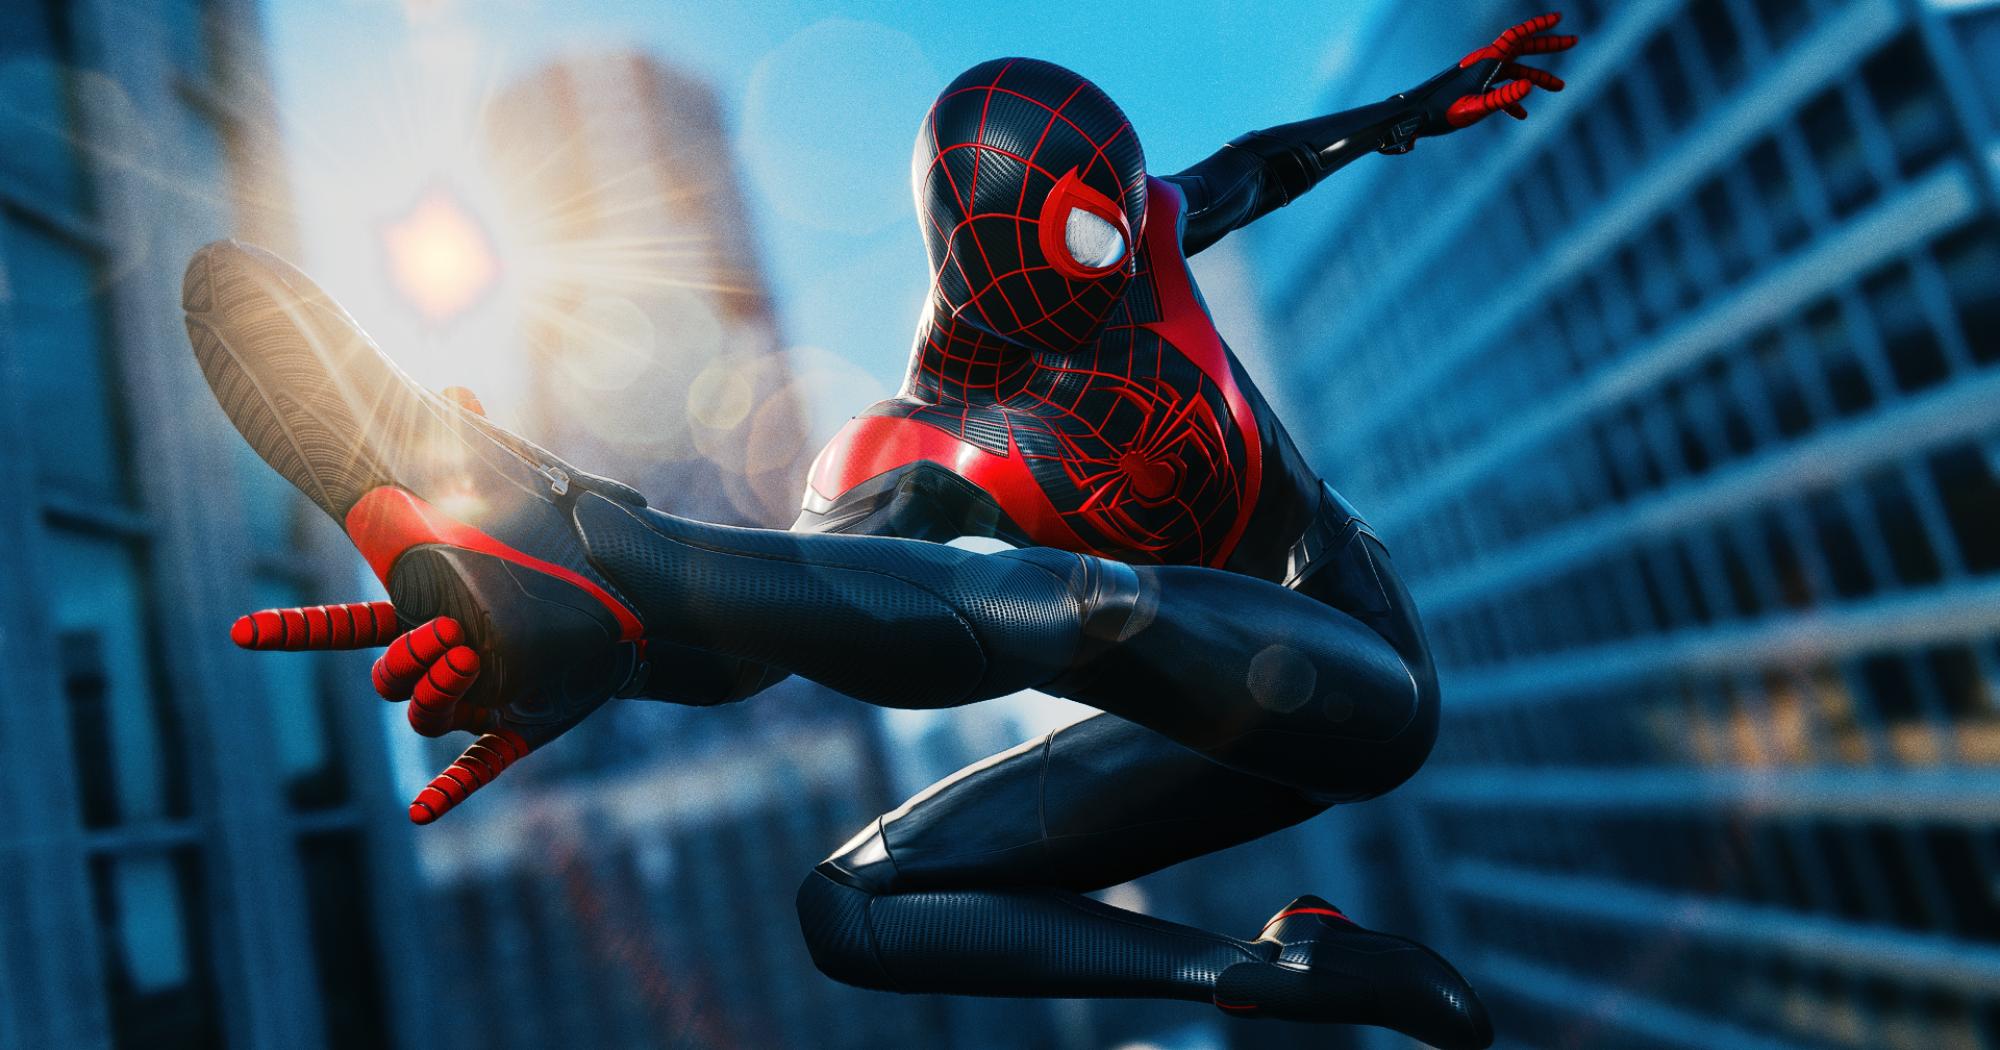 spiderman-milesmorales_main.png